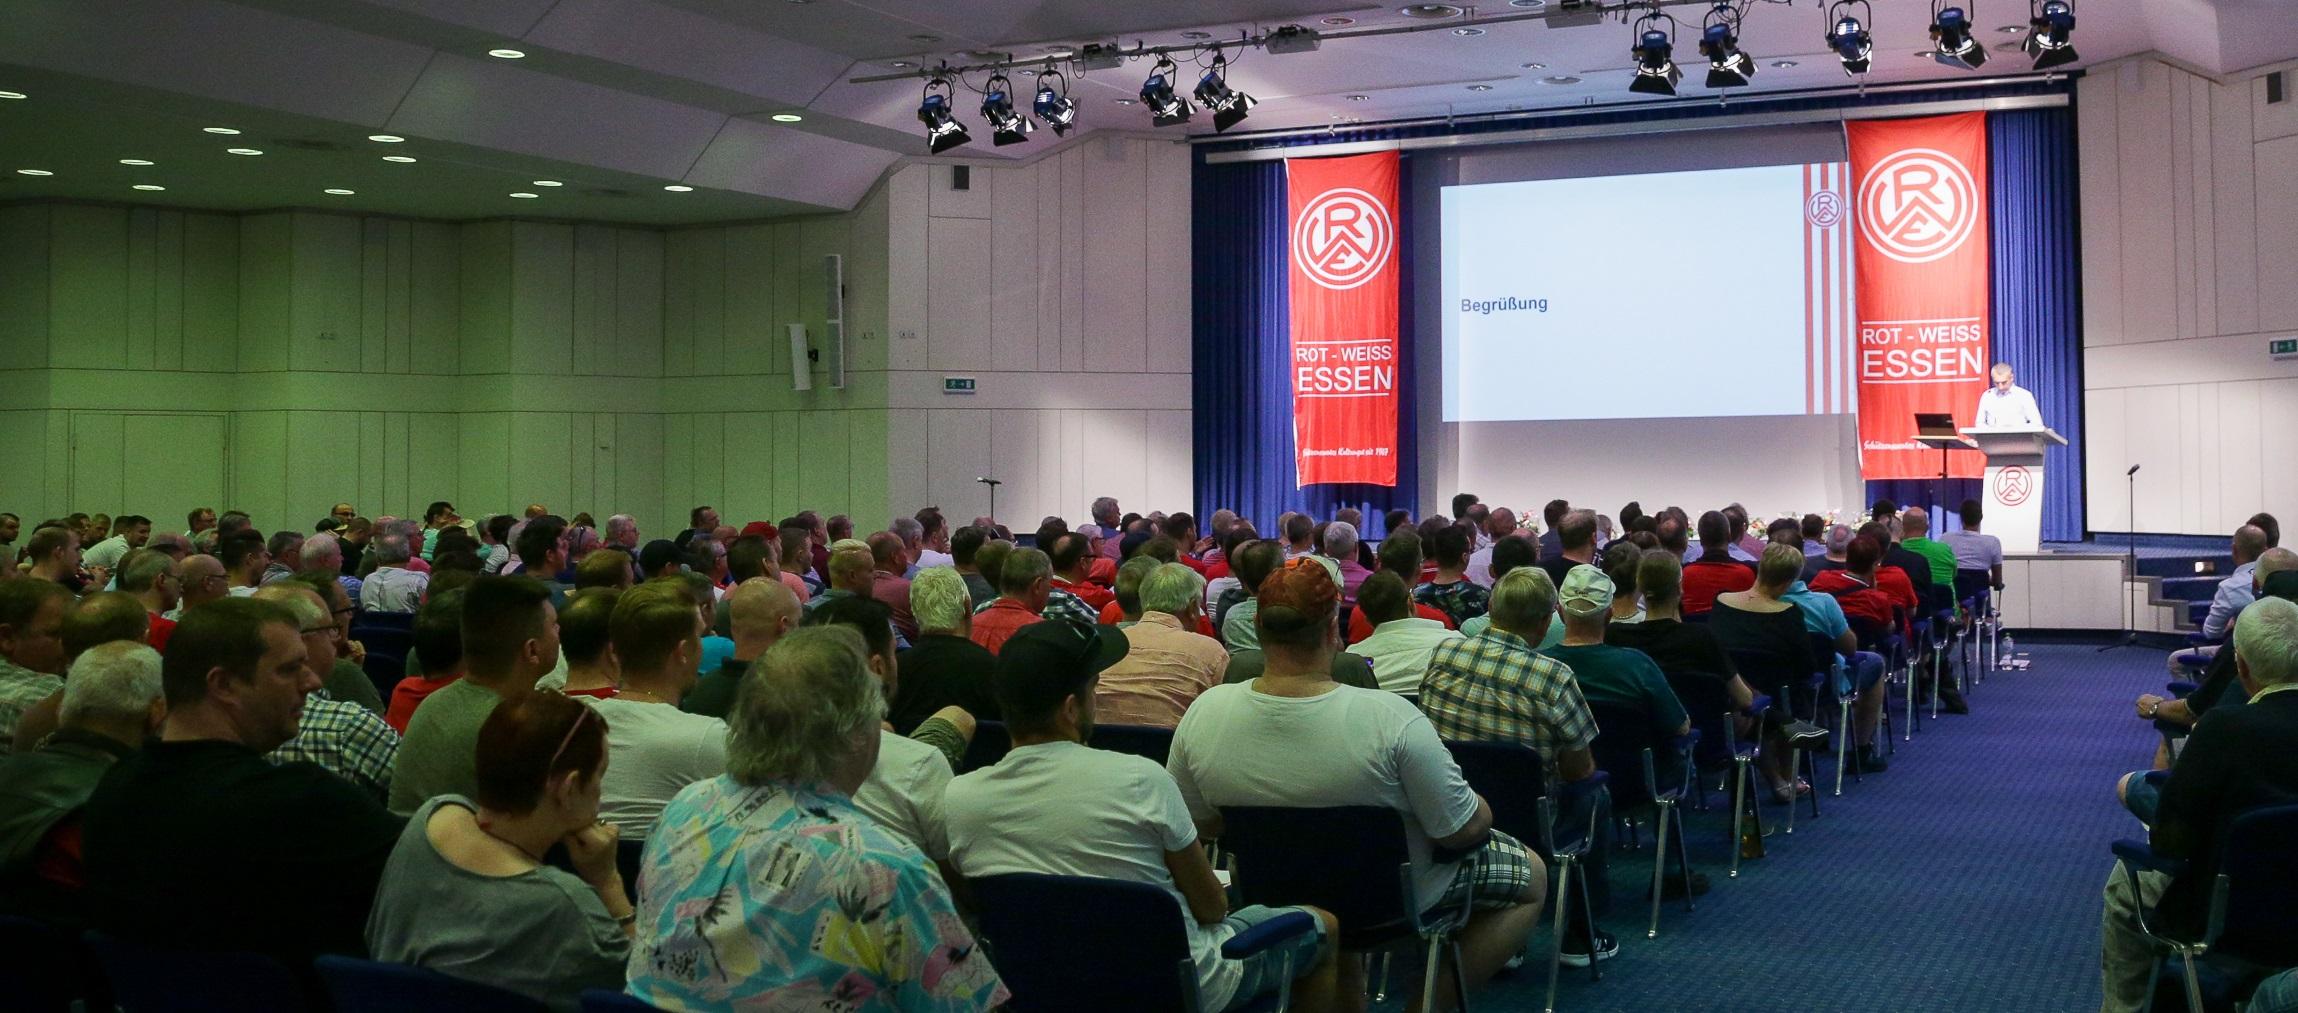 Etwa 350 Rot-Weisse besuchten am Sonntag die Jahreshauptversammlung in der MESSE ESSEN. (Foto: Endberg)